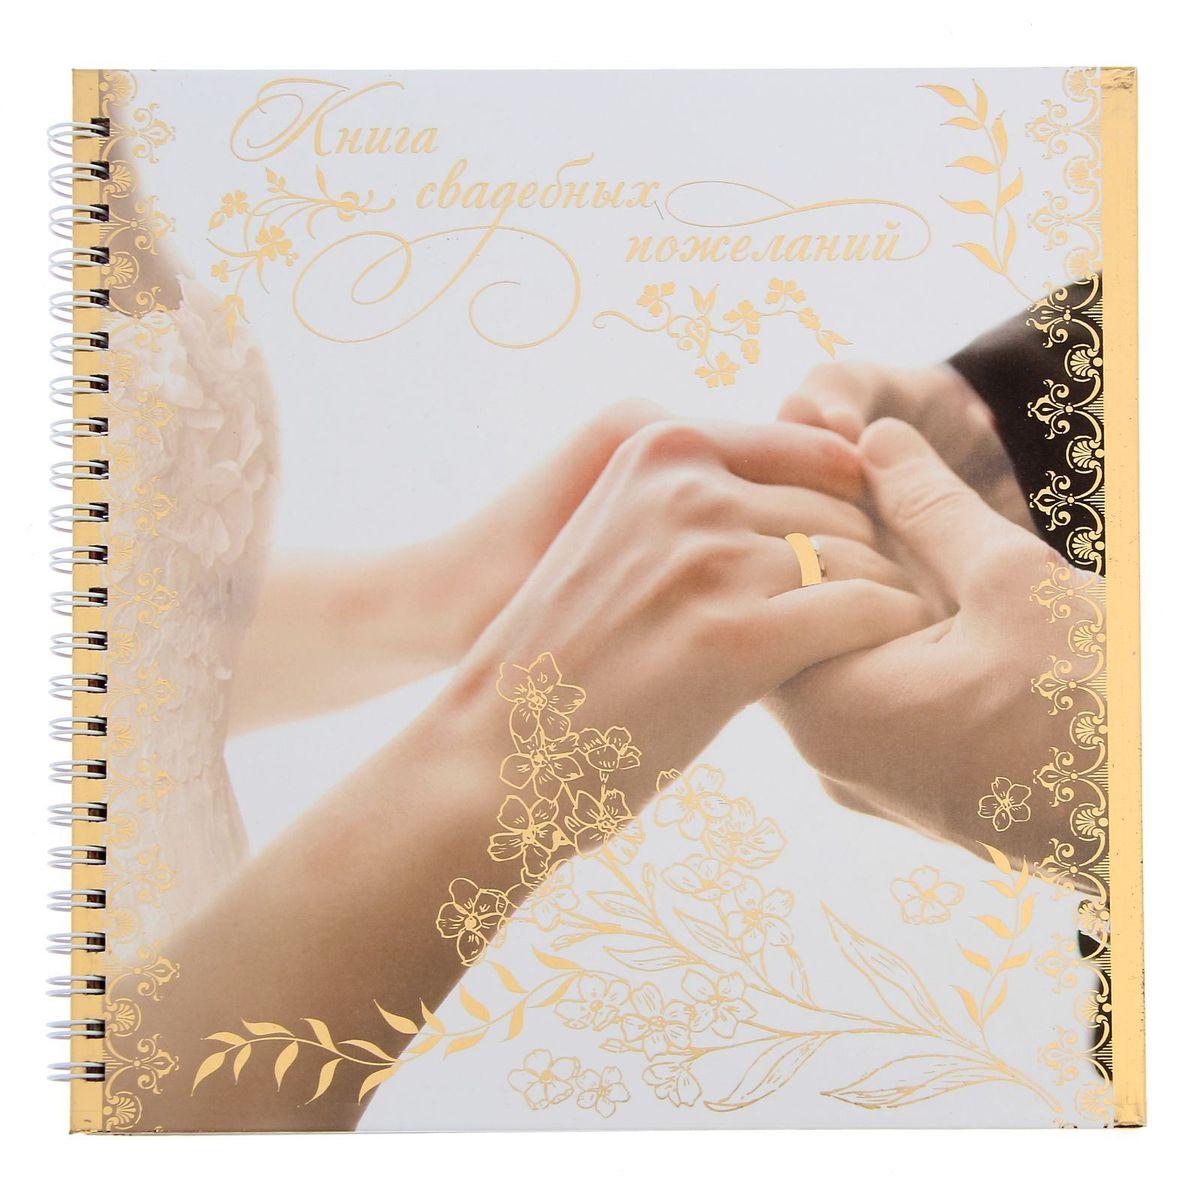 Sima-land Книга свадебных пожеланий Пусть наша нежность и любовь... на пружине, 40л., 21,7 х 21 см09840-20.000.00Теперь добрые слова и светлые поздравления останутся с вами на всю жизнь. Через много лет, перечитывая эту чудесную книгу, вы вместе со своей половинкой будете с улыбкой вспоминать о самом счастливом дне в вашей жизни. Сохраните счастливые воспоминания на долгие годы!